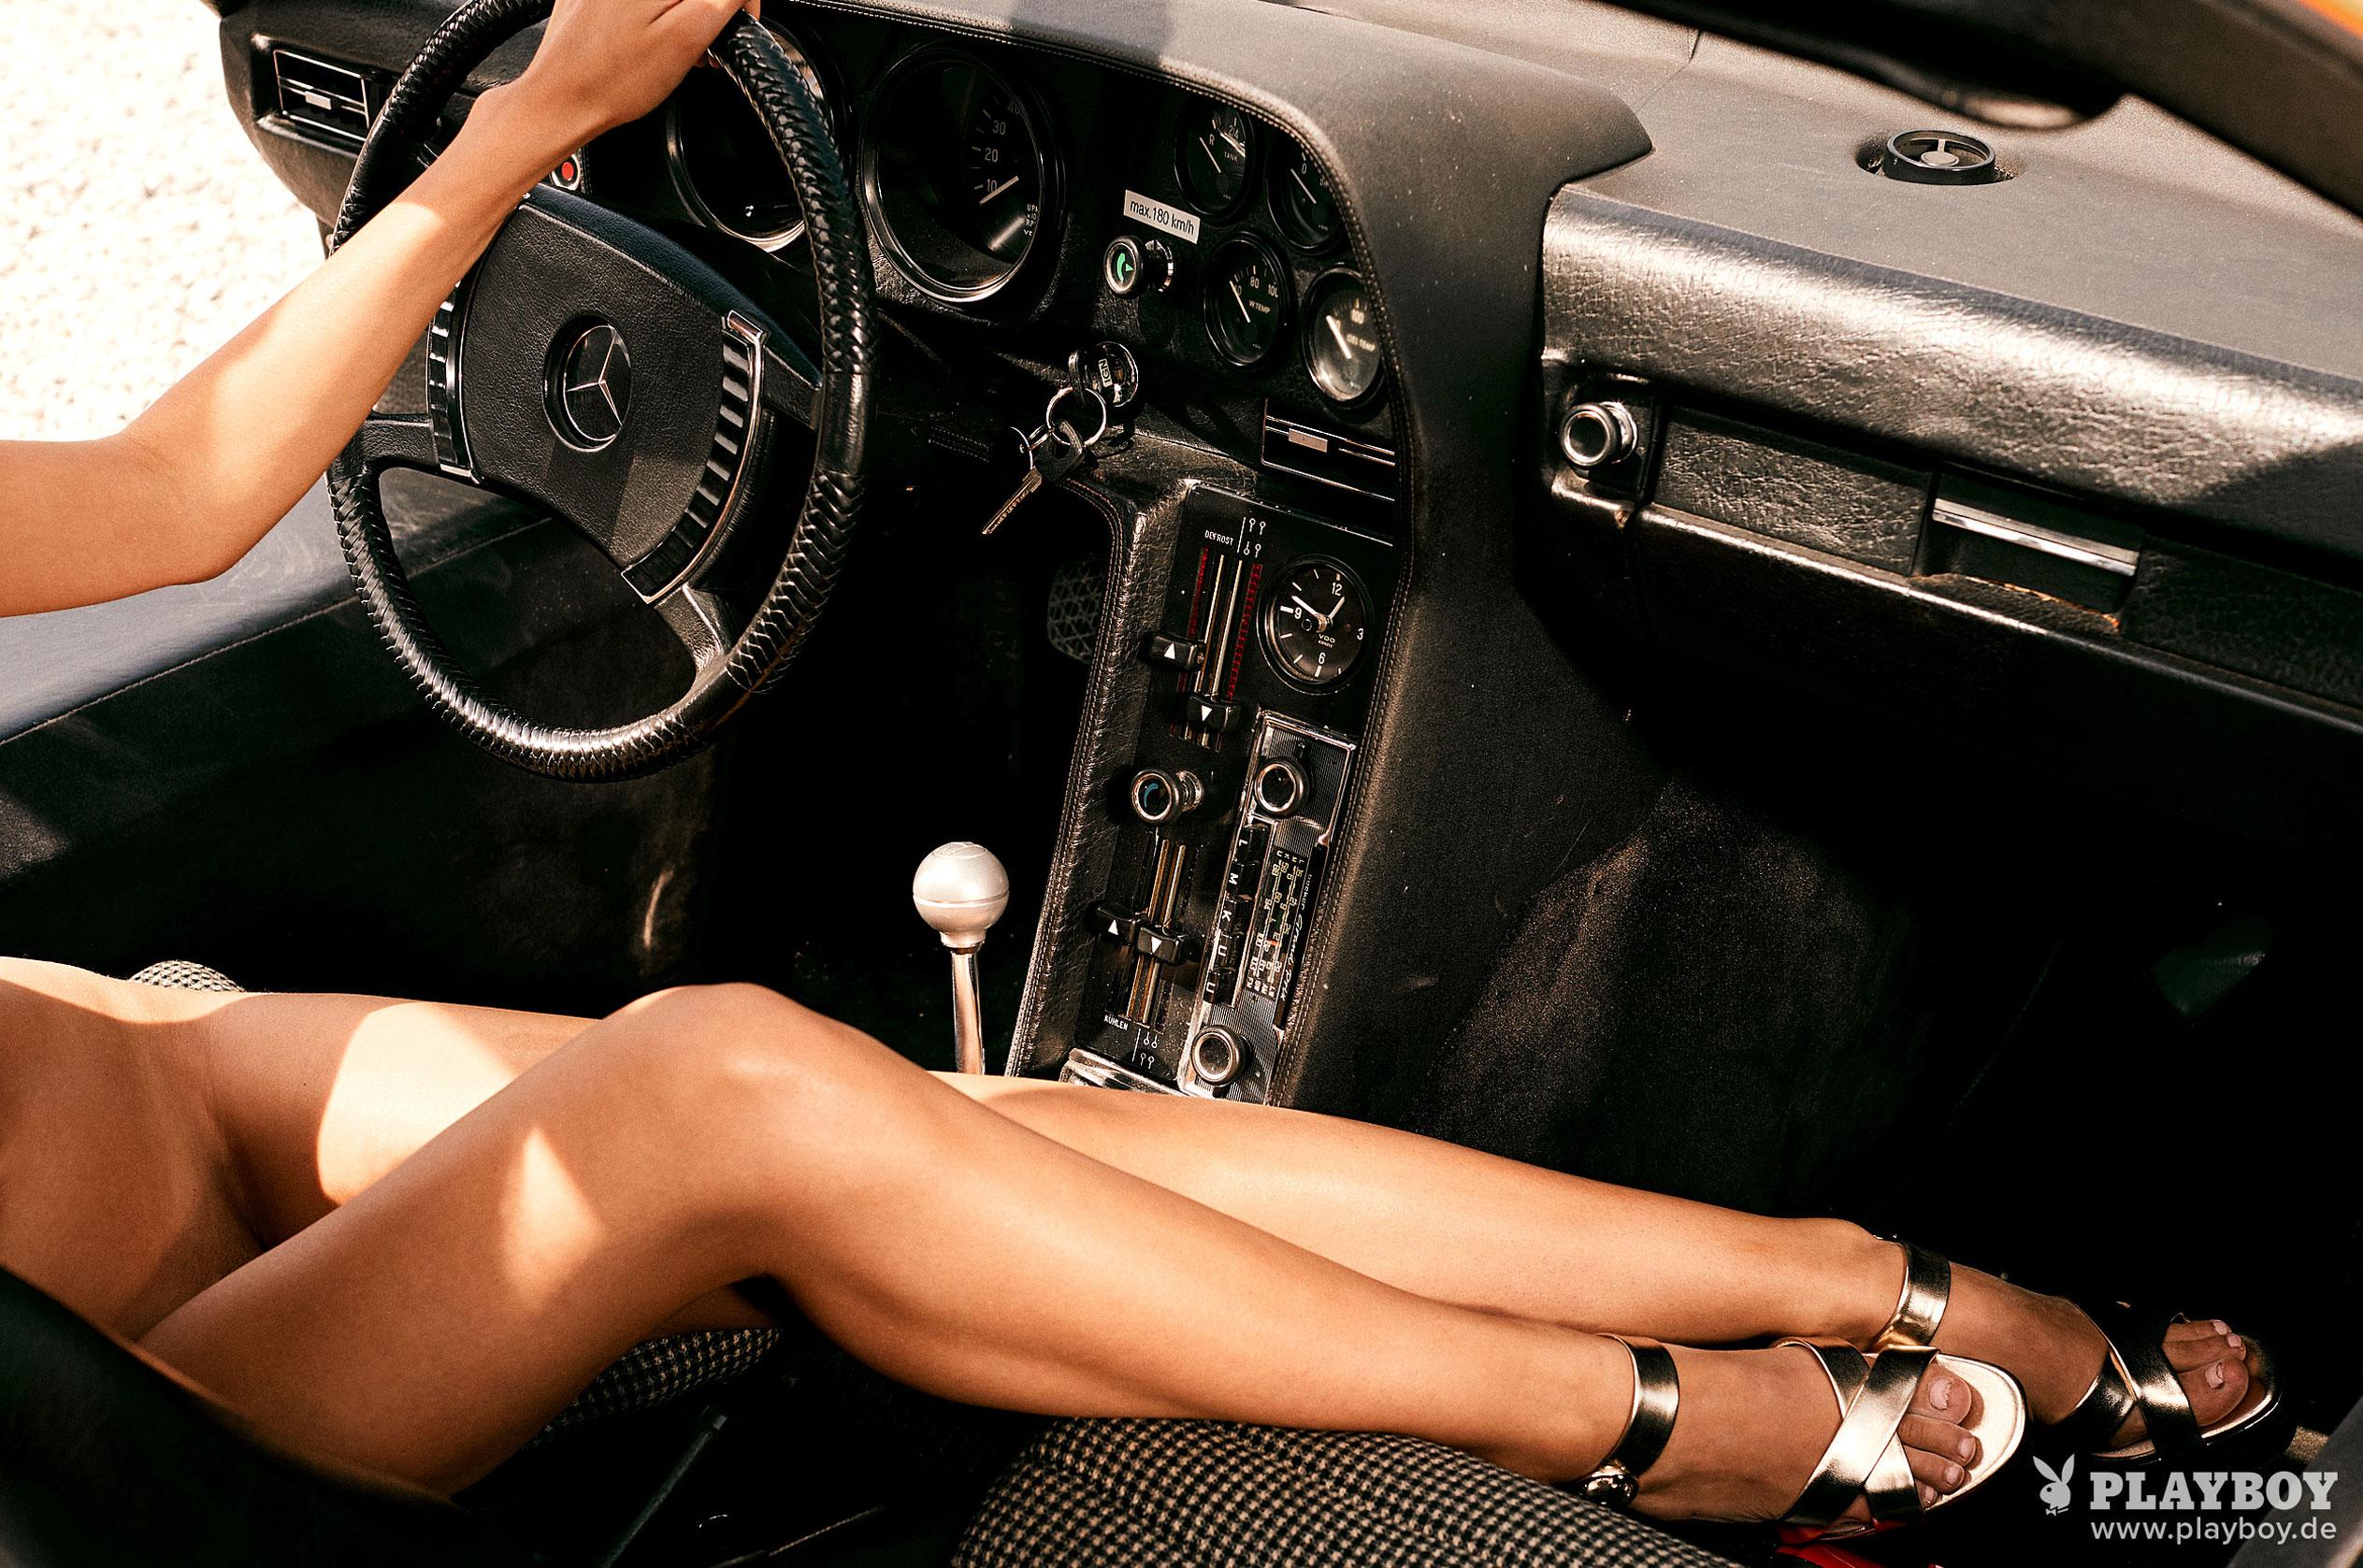 Сексуальная и голая Вероника Климович позирует вместе с легендарным Mercedes-Benz C 111 / фото 10